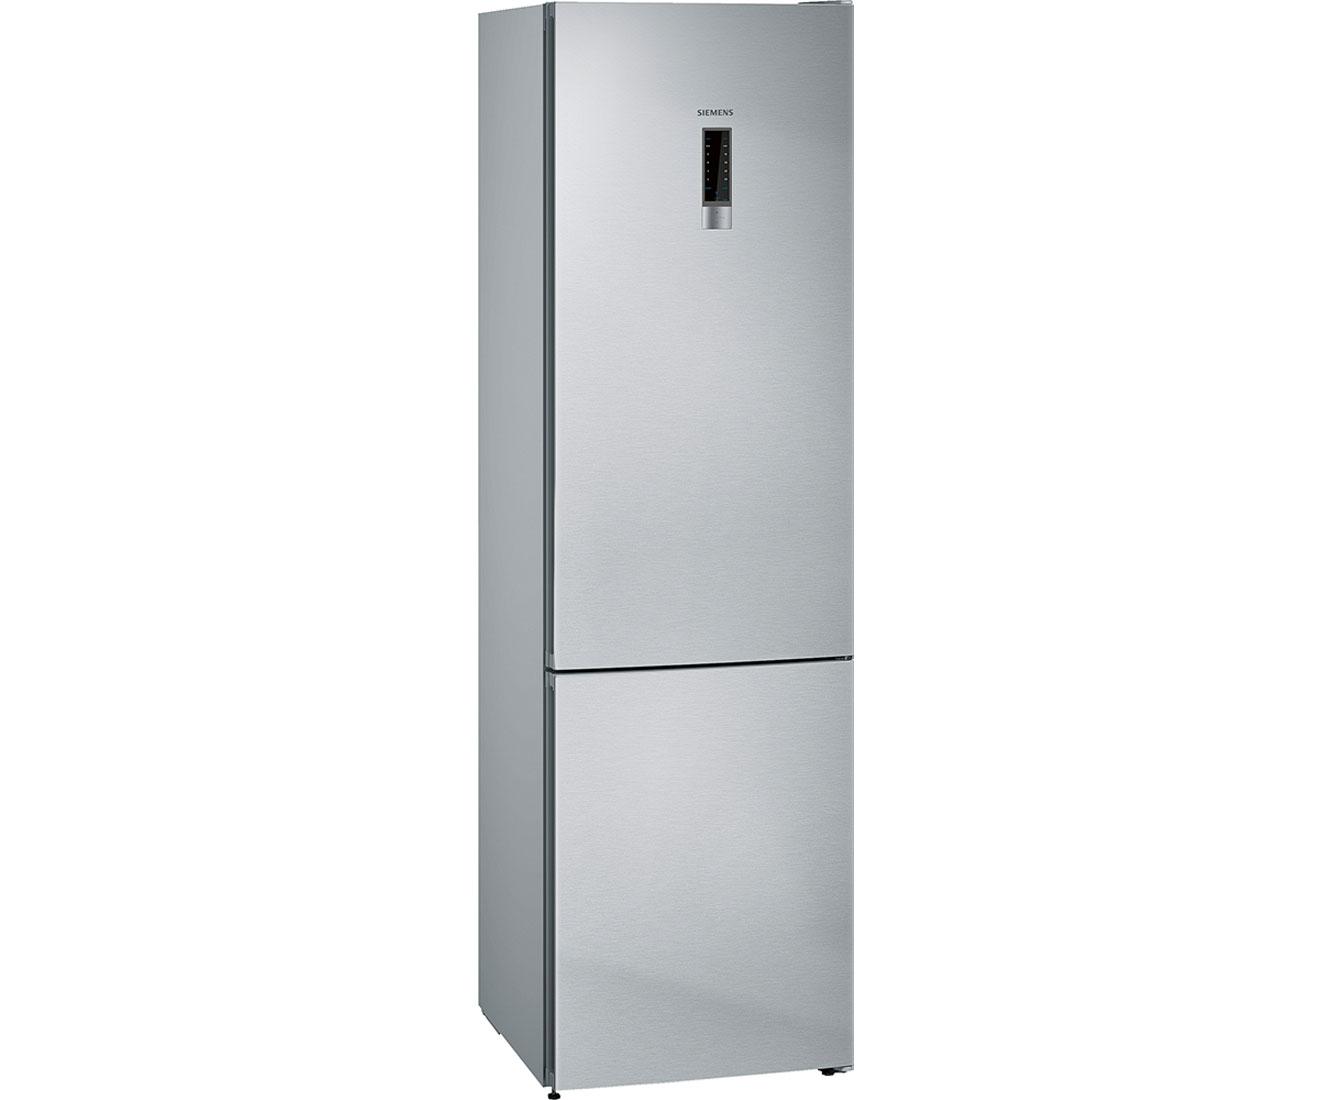 Siemens Kühlschrank Anleitung : Siemens iq kg nxi kühl gefrierkombination mit no frost